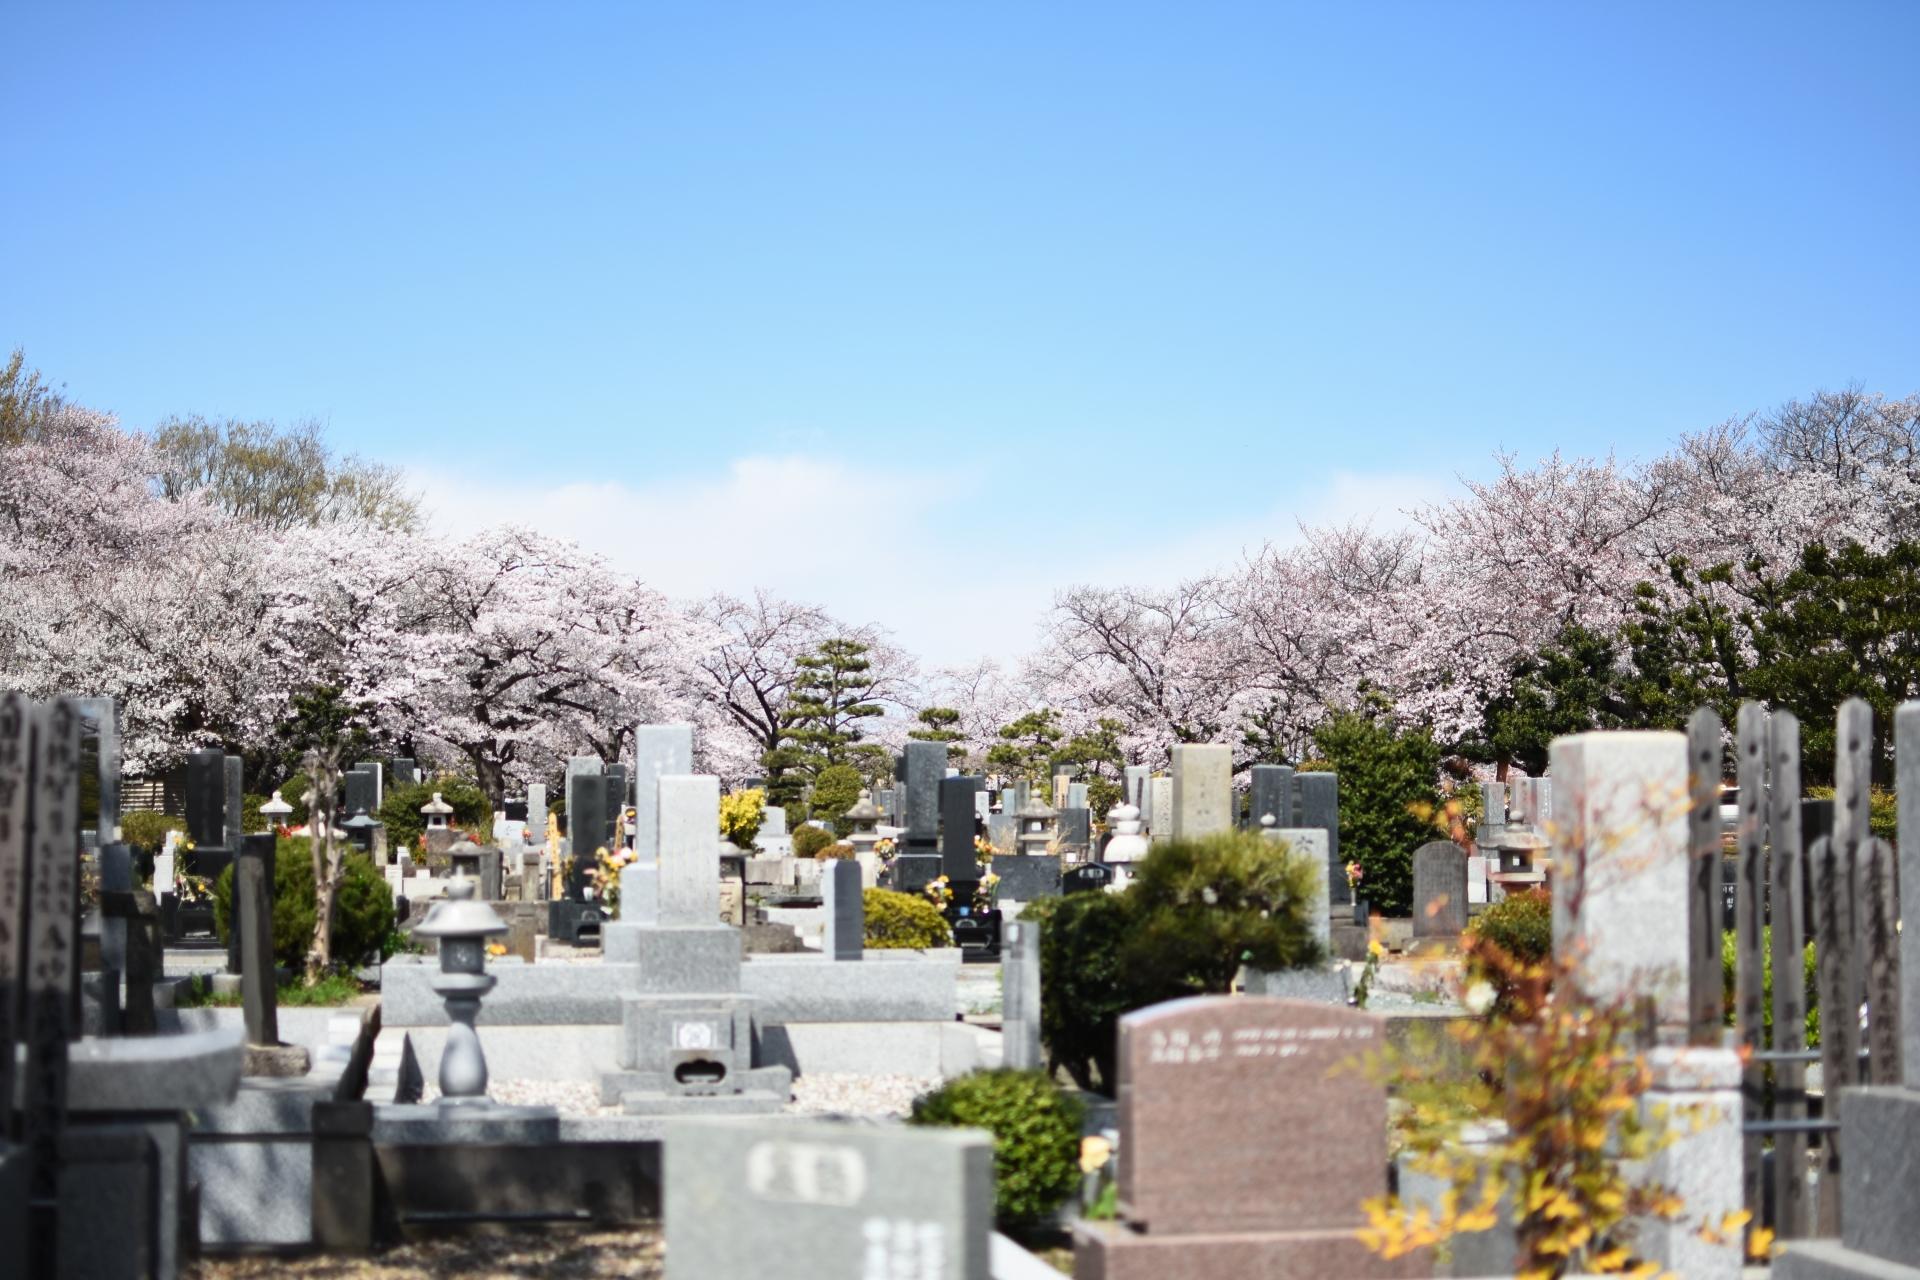 墓地・終活